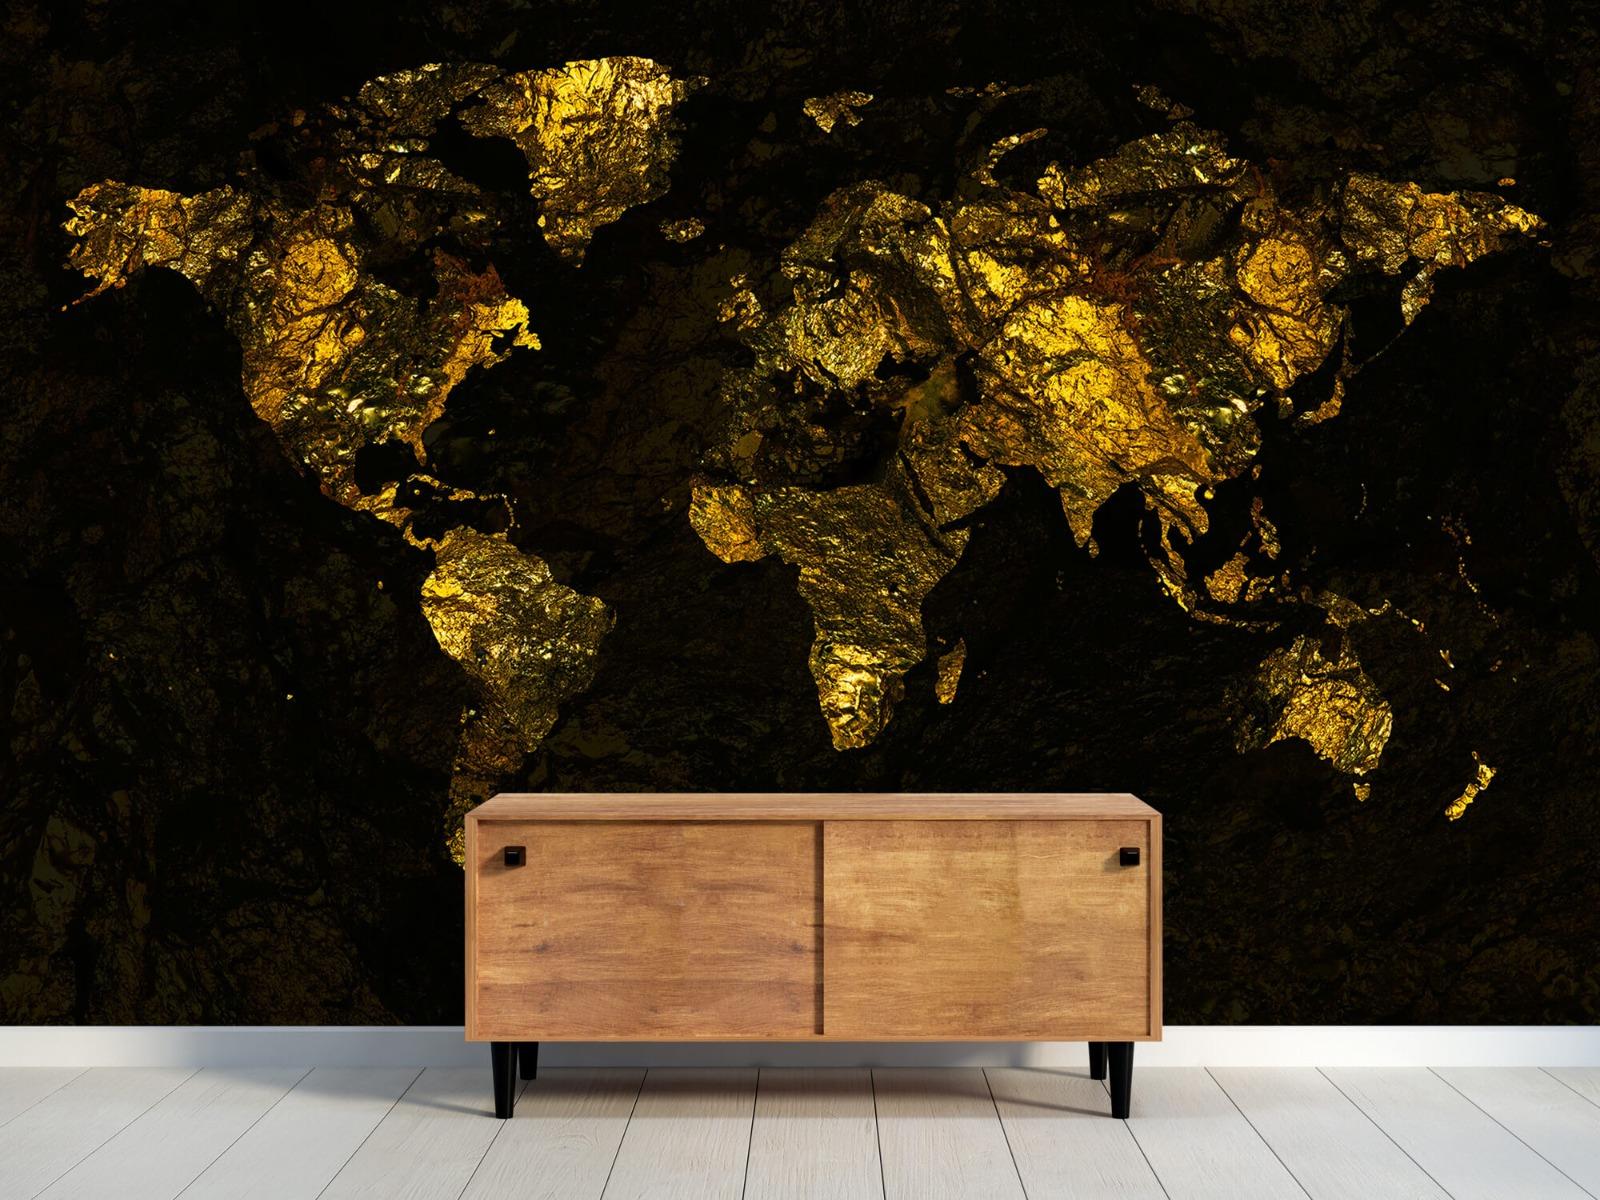 Steen behang - Wereldkaart goud - Directie 9